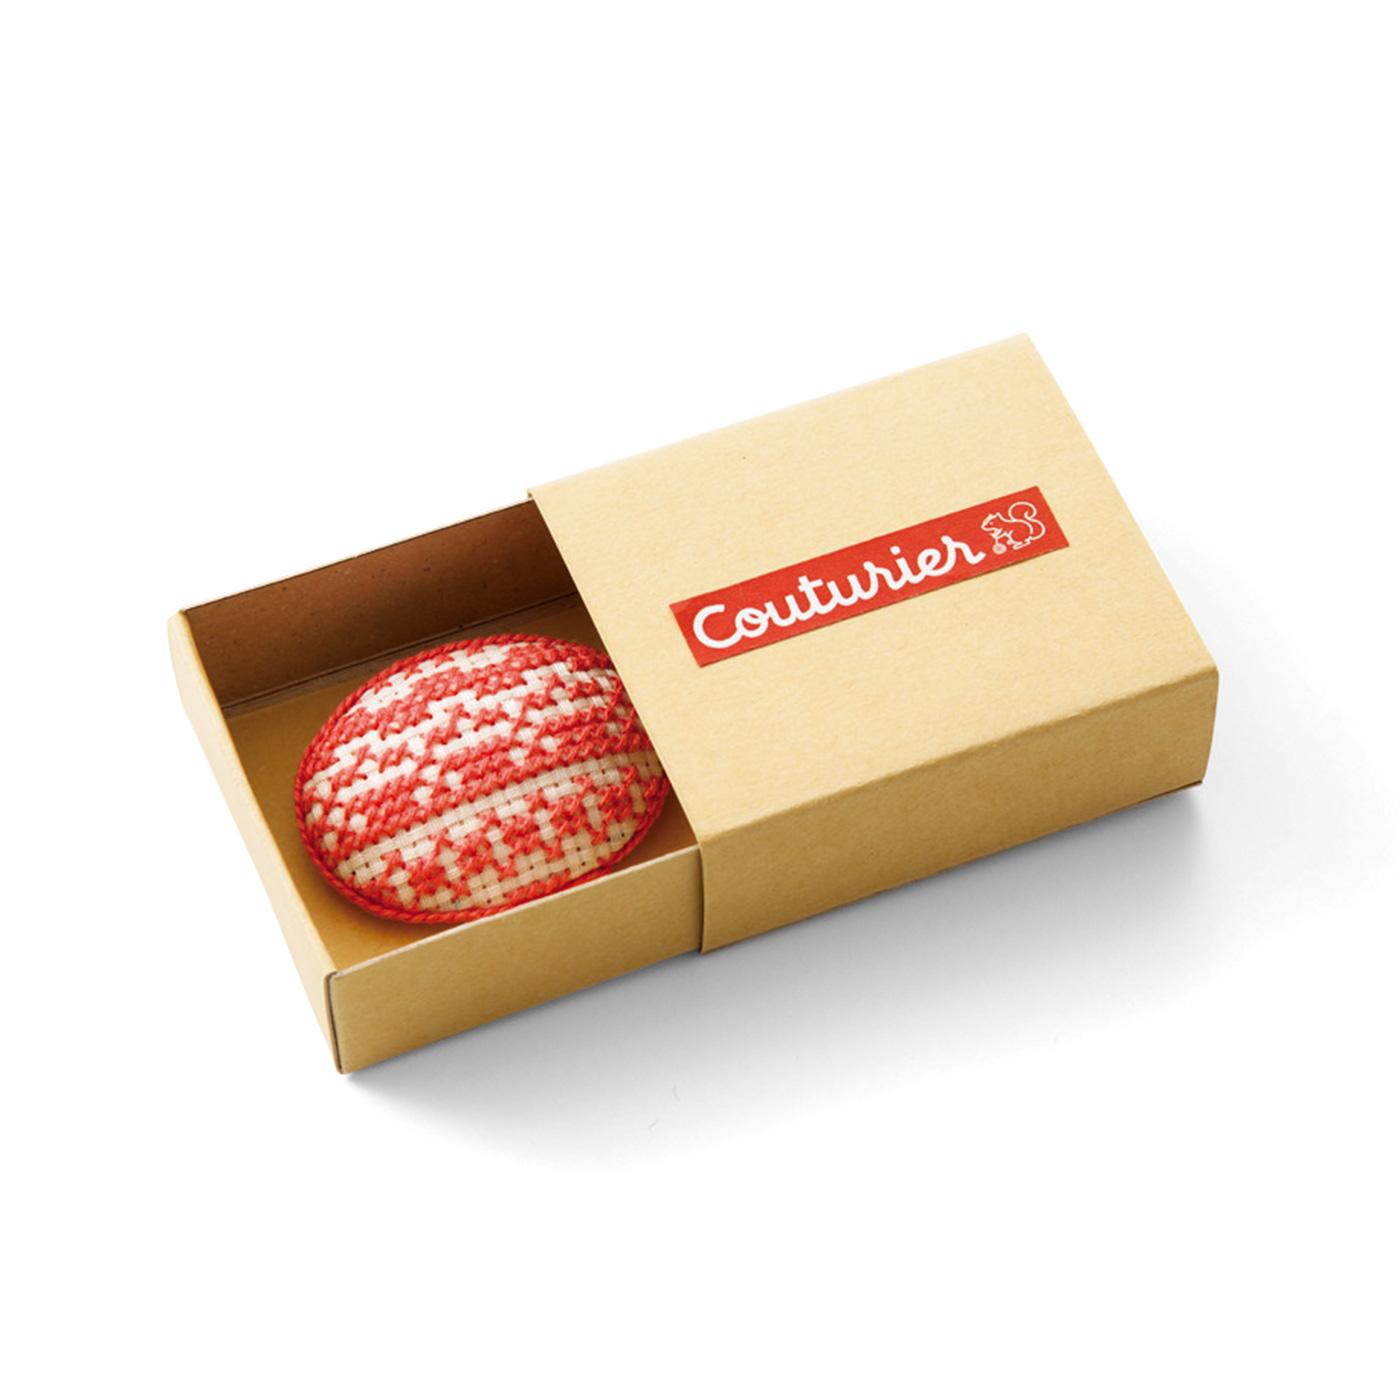 組み立て式のボックス付き。収納やプレゼントにかわいい。